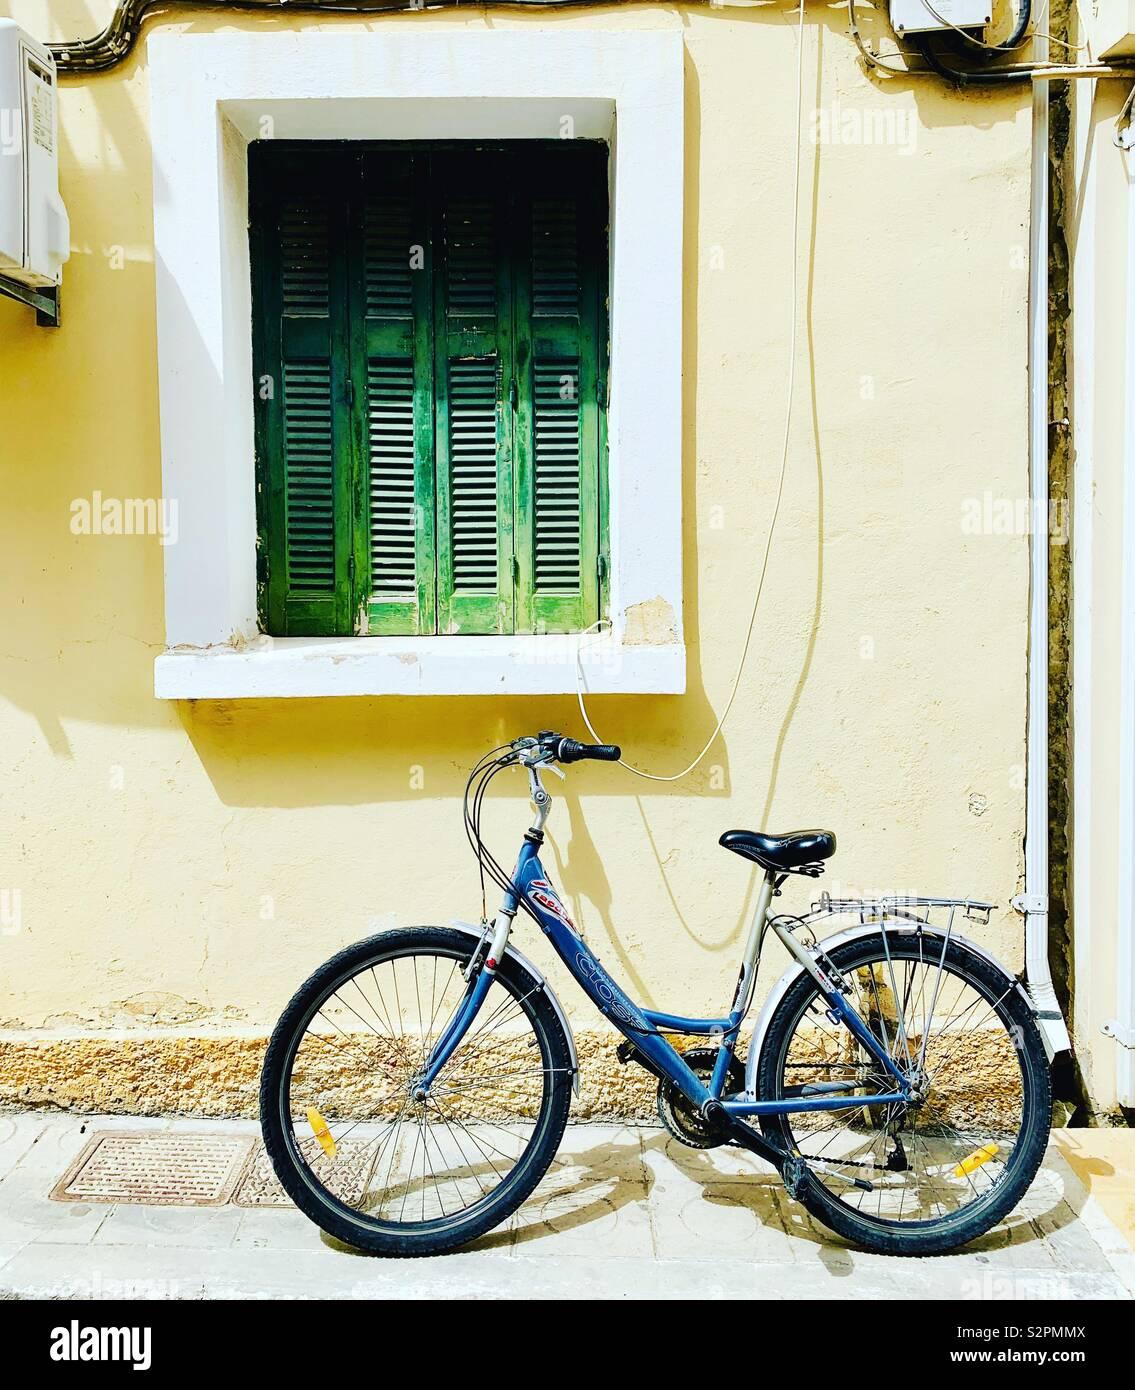 Bicicleta en Zante, Grecia. Imagen De Stock